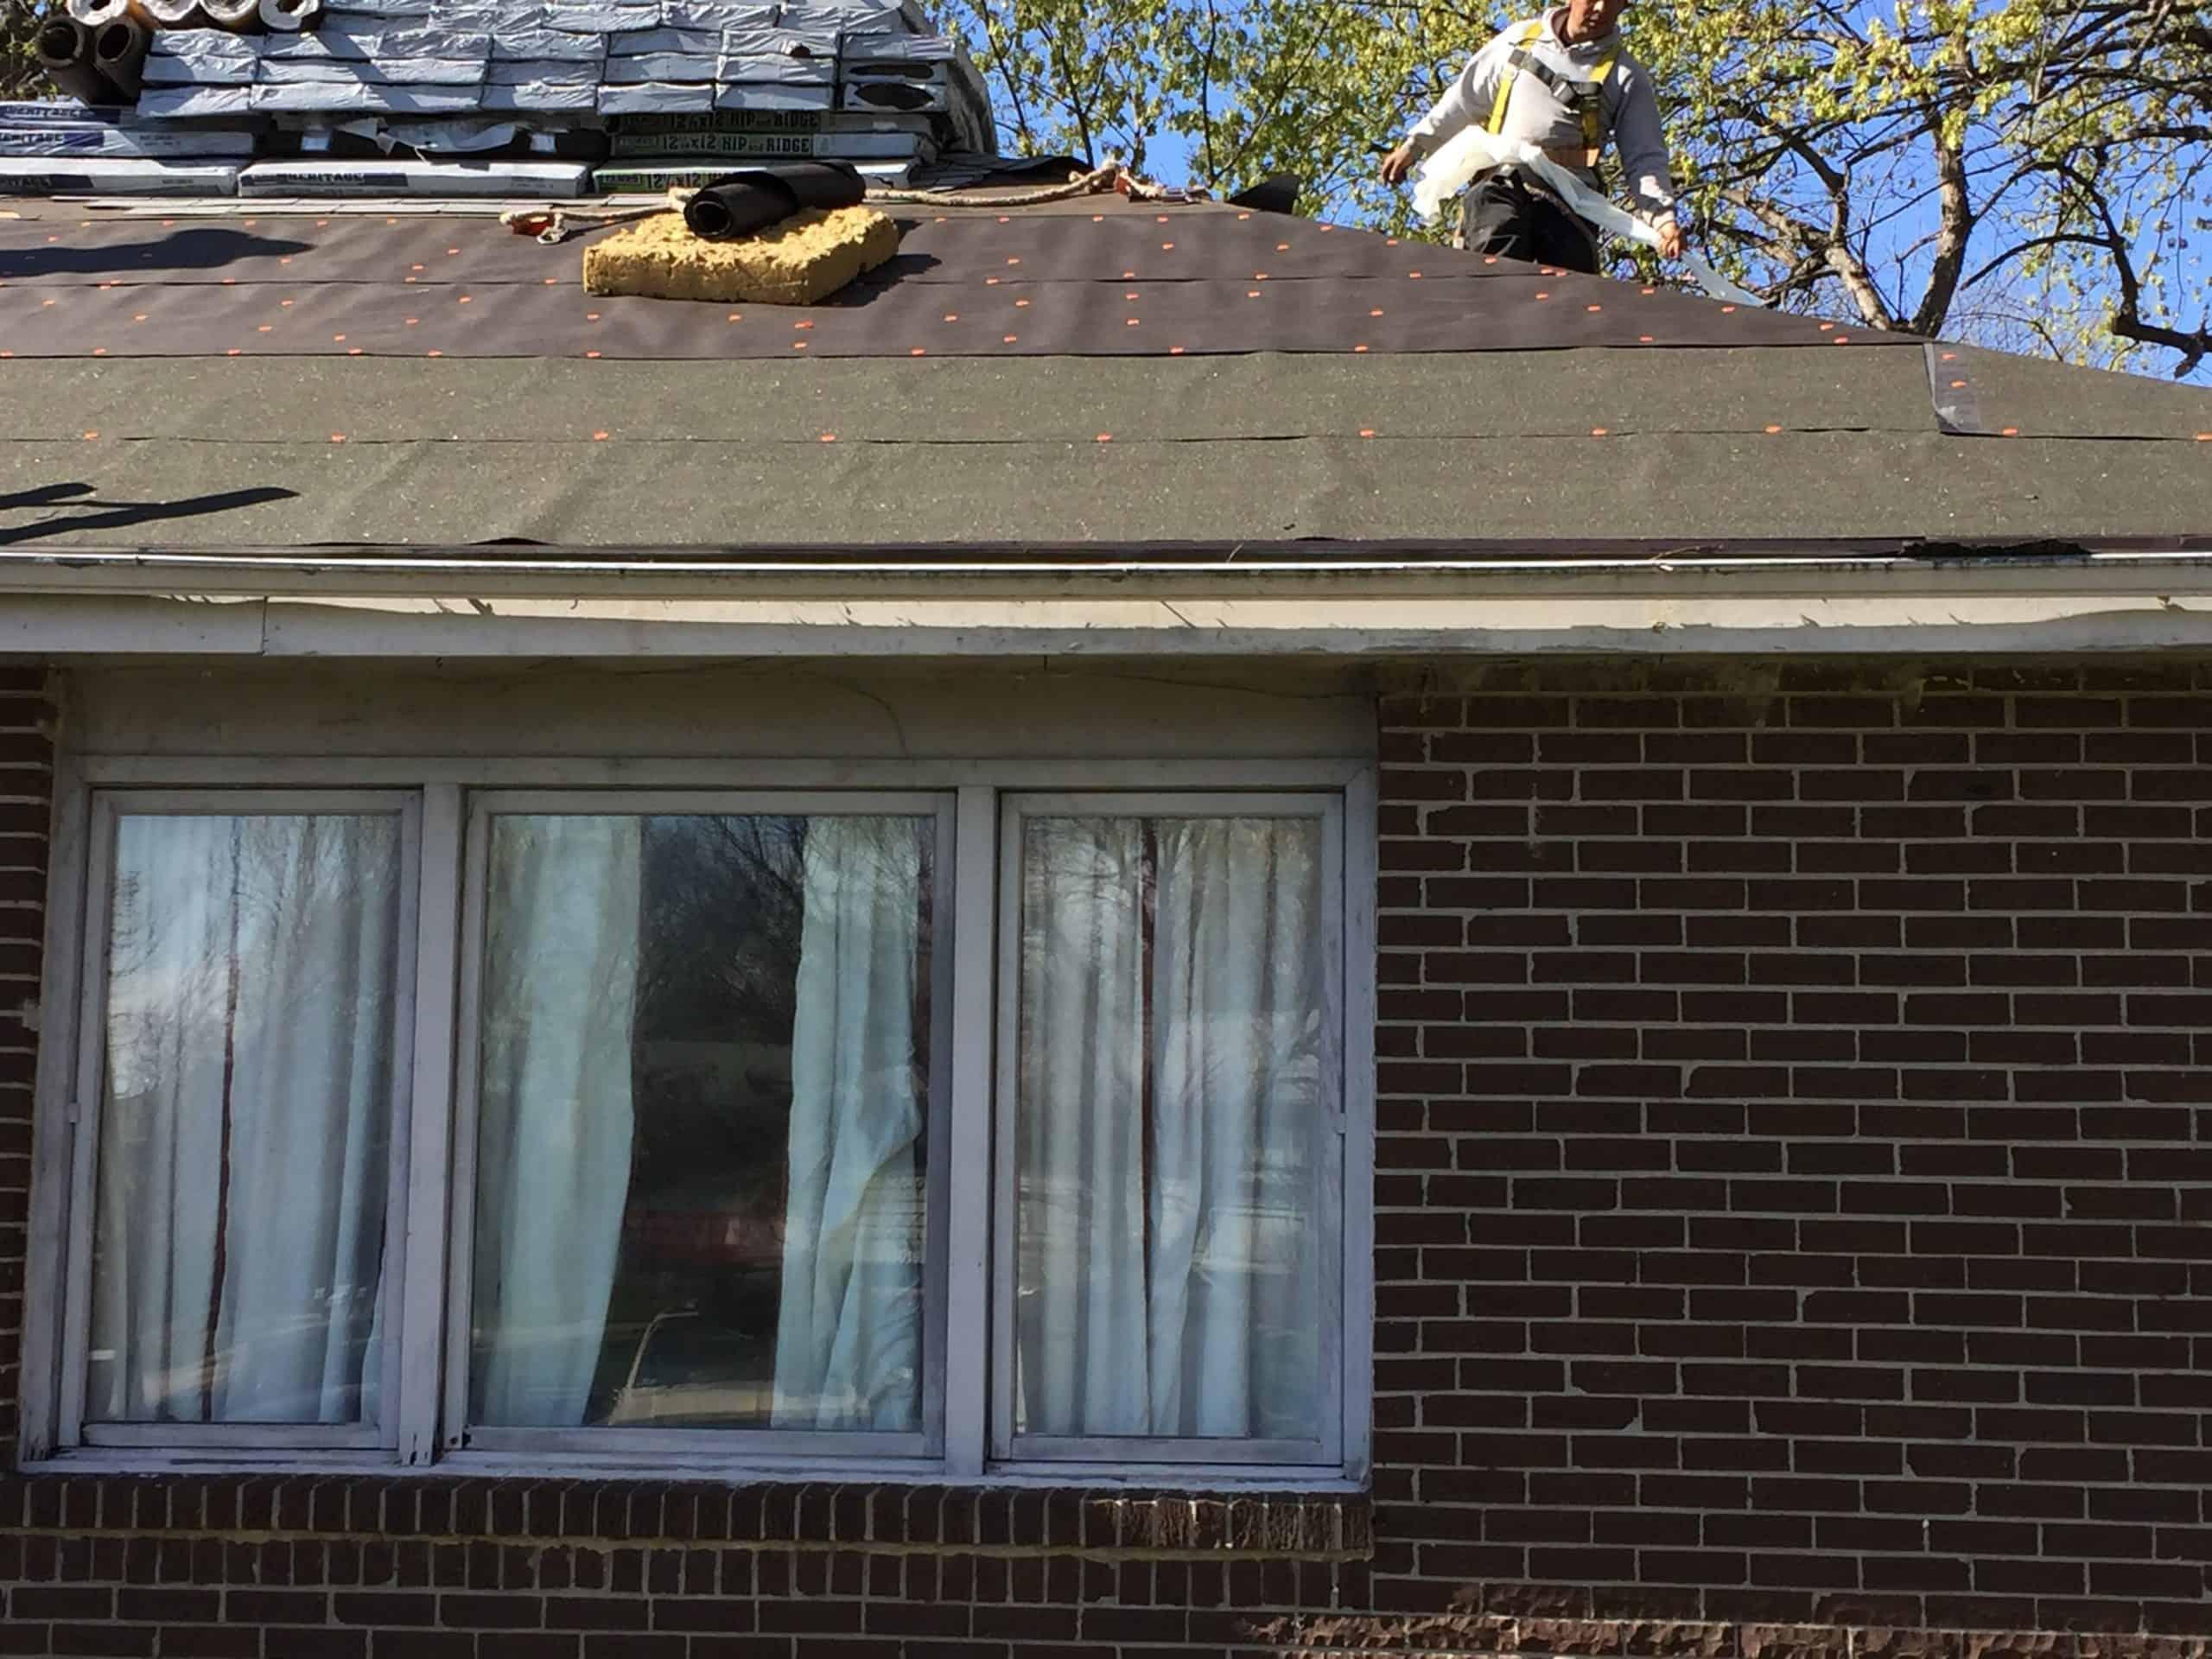 Local Roofing Contractor In Omaha Nebraska Associated